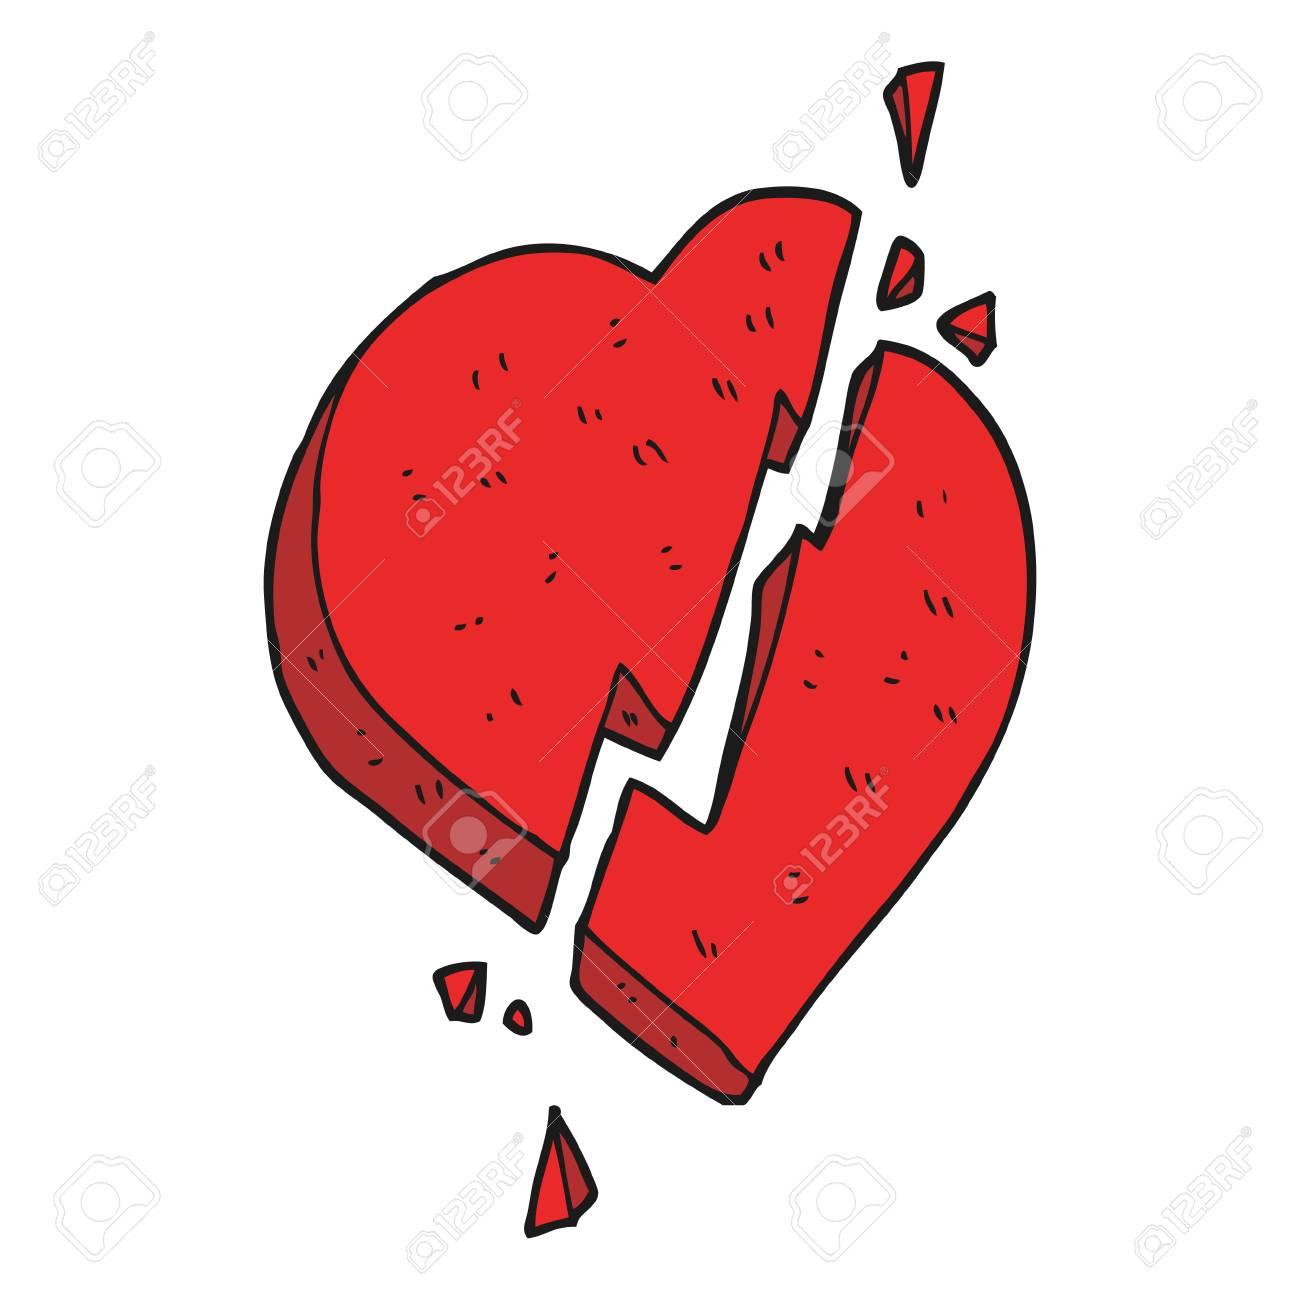 A Pulso Símbolo Del Corazón Roto Dibujo Animado Hecho Ilustraciones